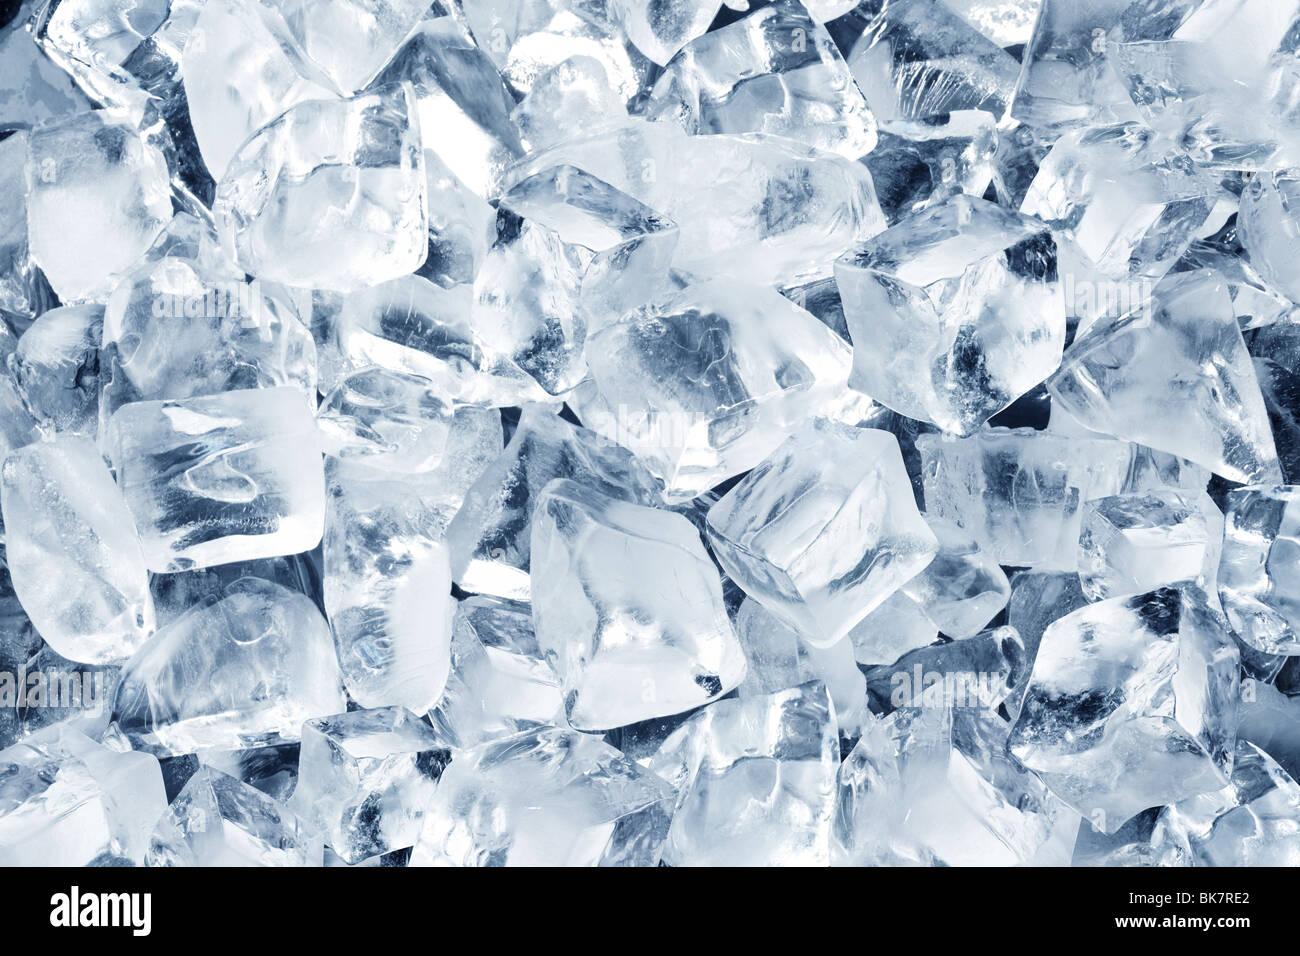 Antecedentes en forma de cubitos de hielo. Imagen De Stock